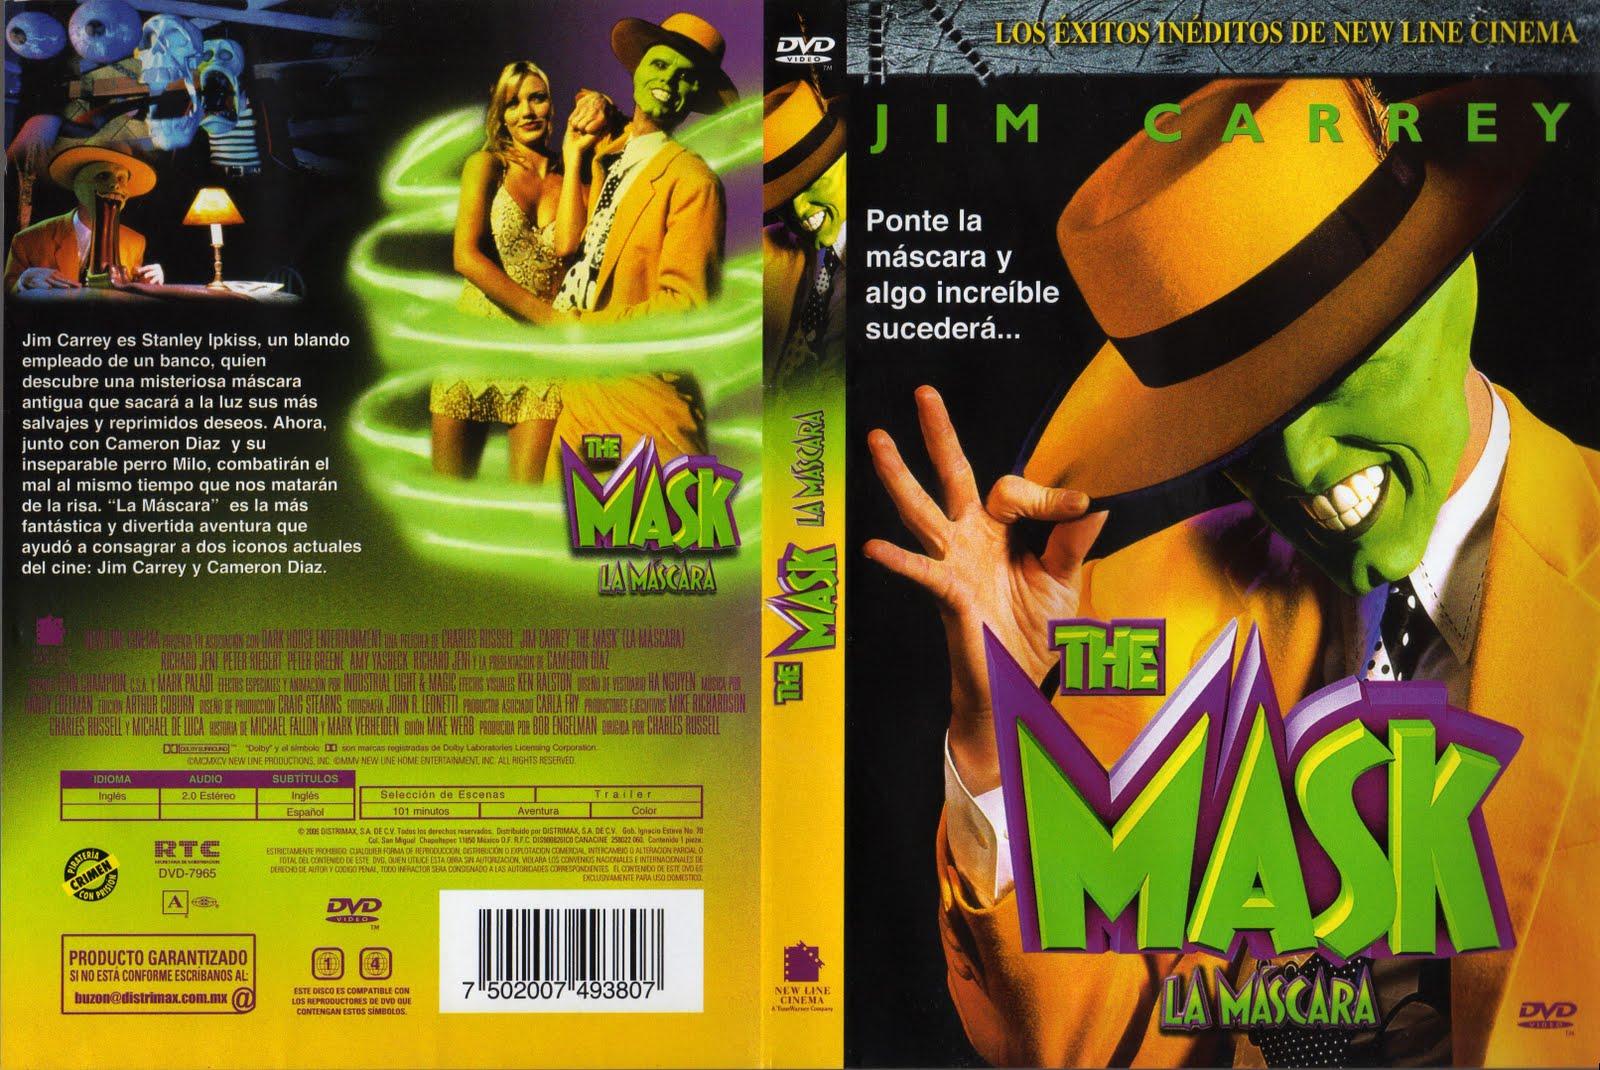 Descargar El Hijo de la Mascara [Latino] [DvdRip Rmvb] [350 Mb] [1